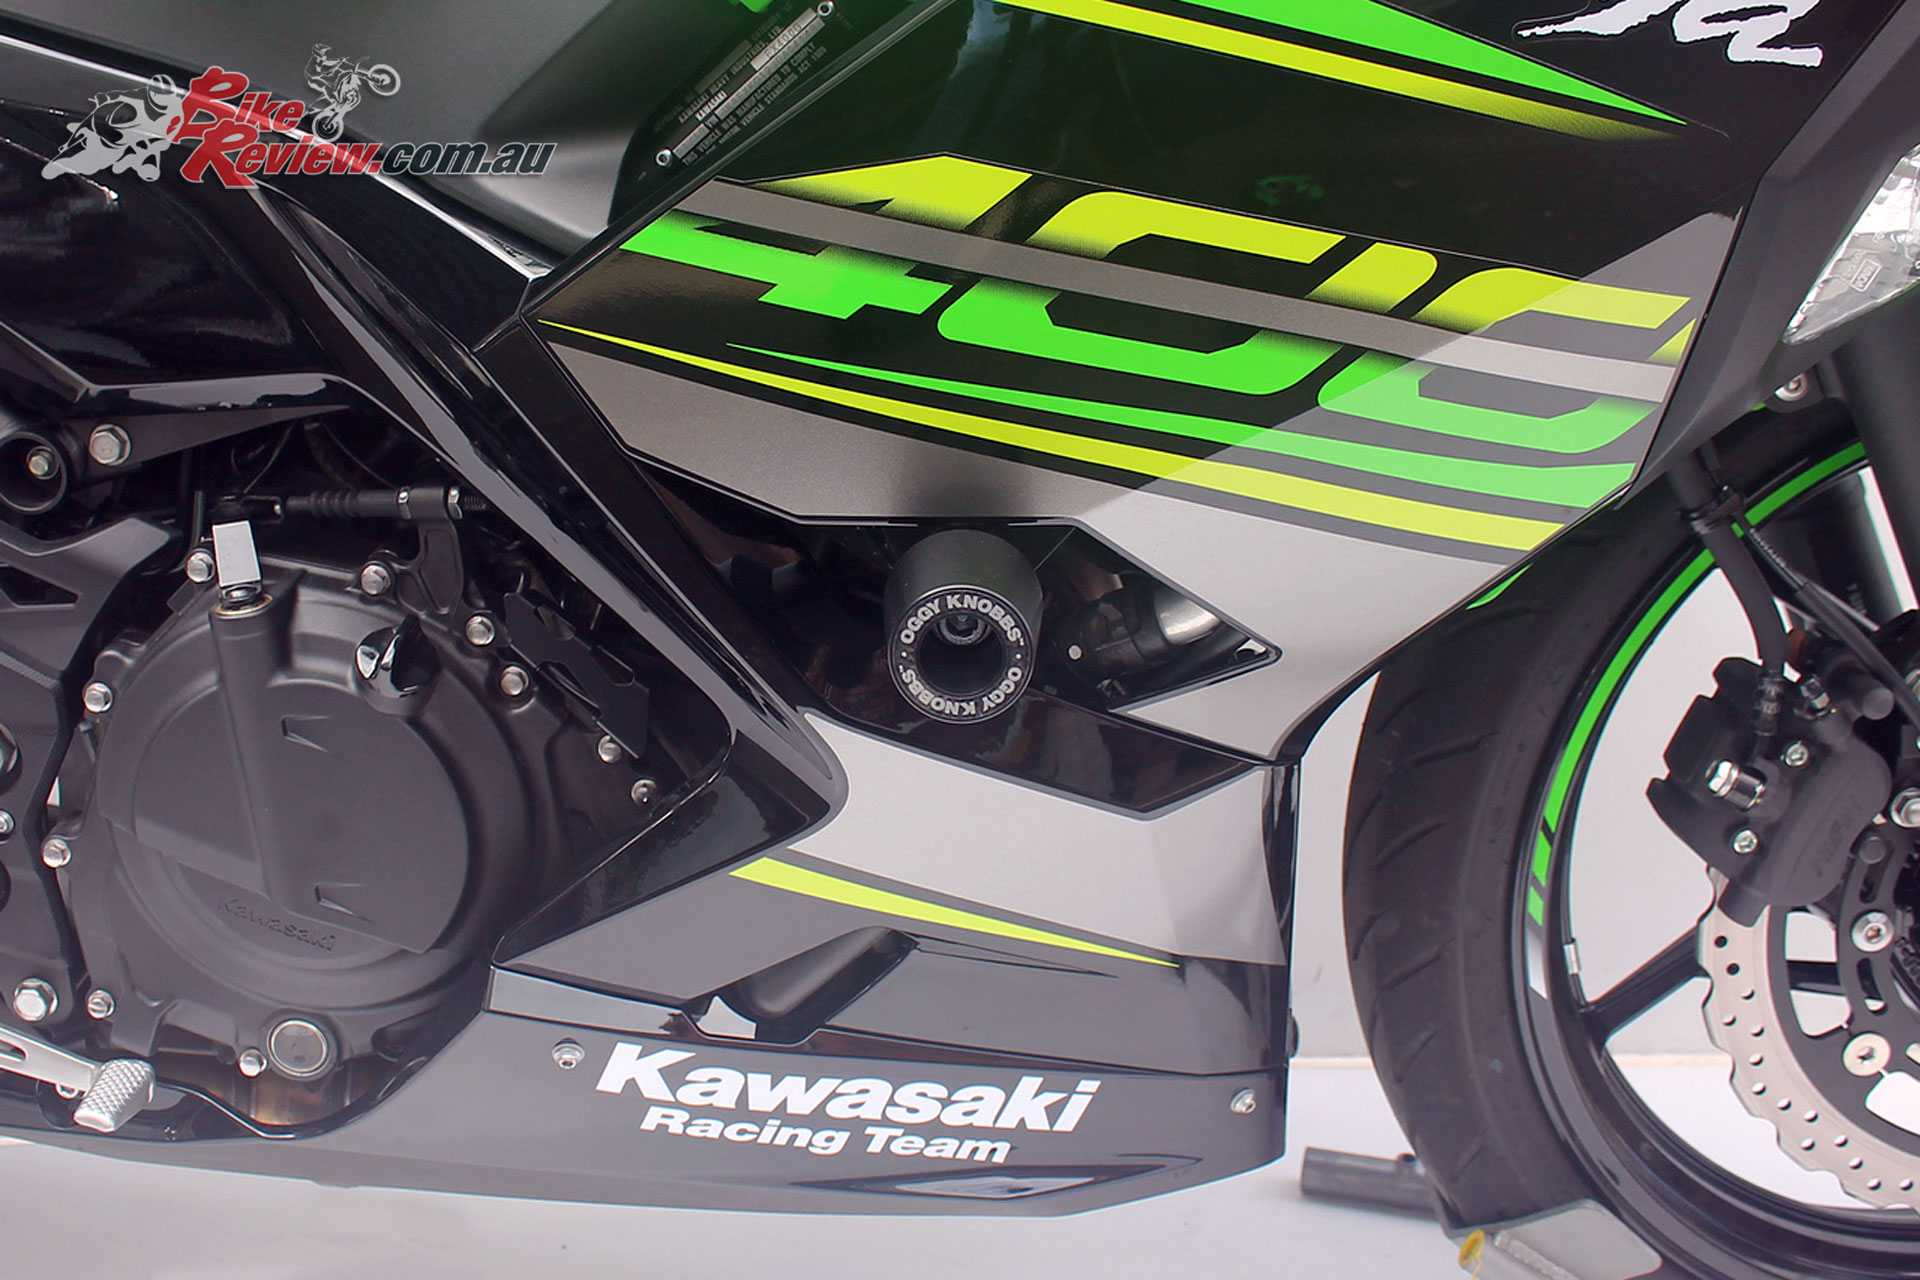 Promoto Oggy Knobbs for the 2018 Kawasaki Ninja 400